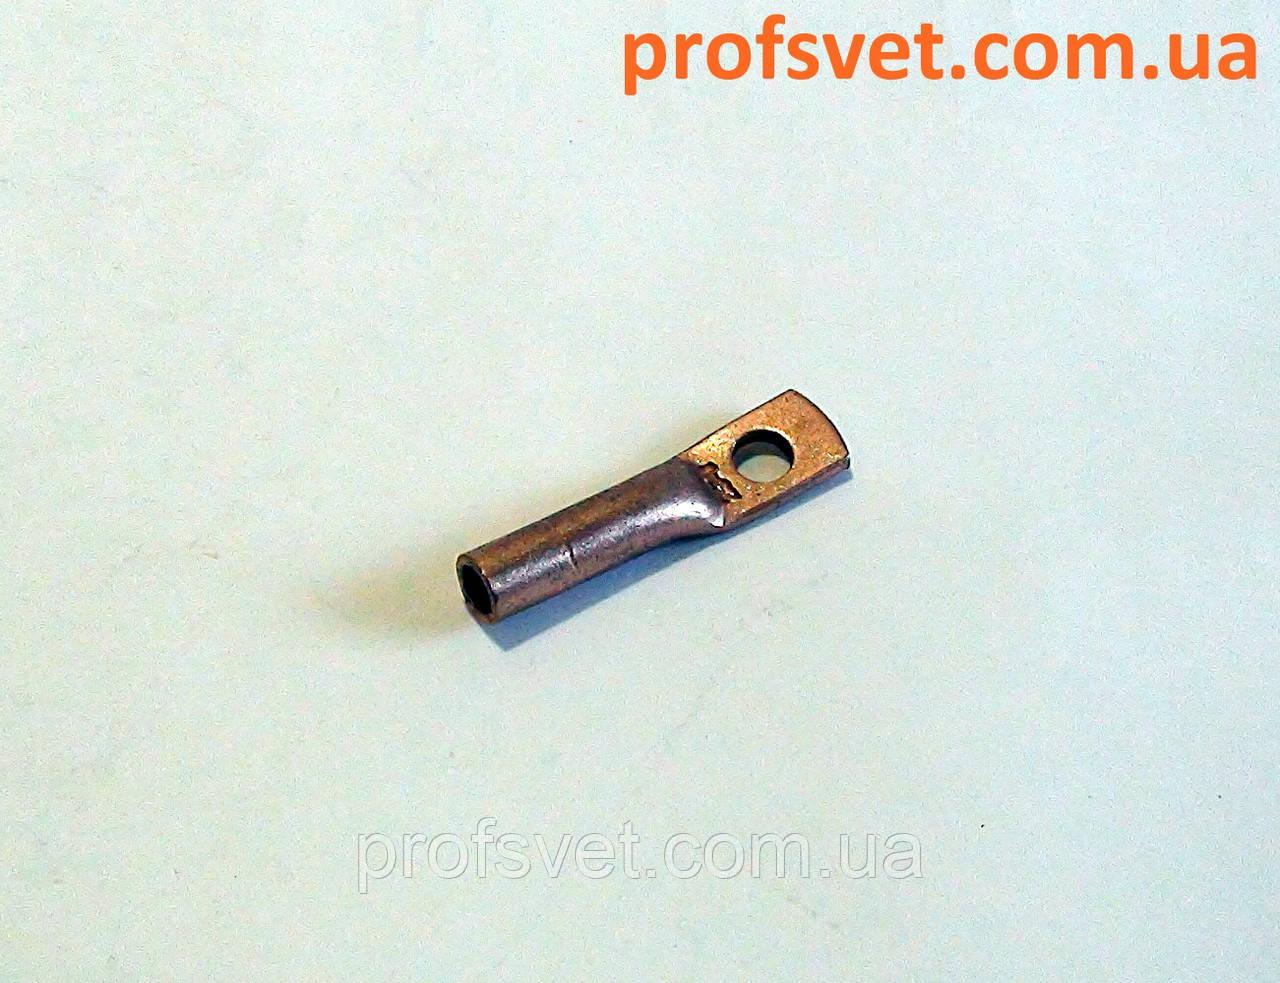 Кабельный наконечник ДТ 25 мм удлиненный